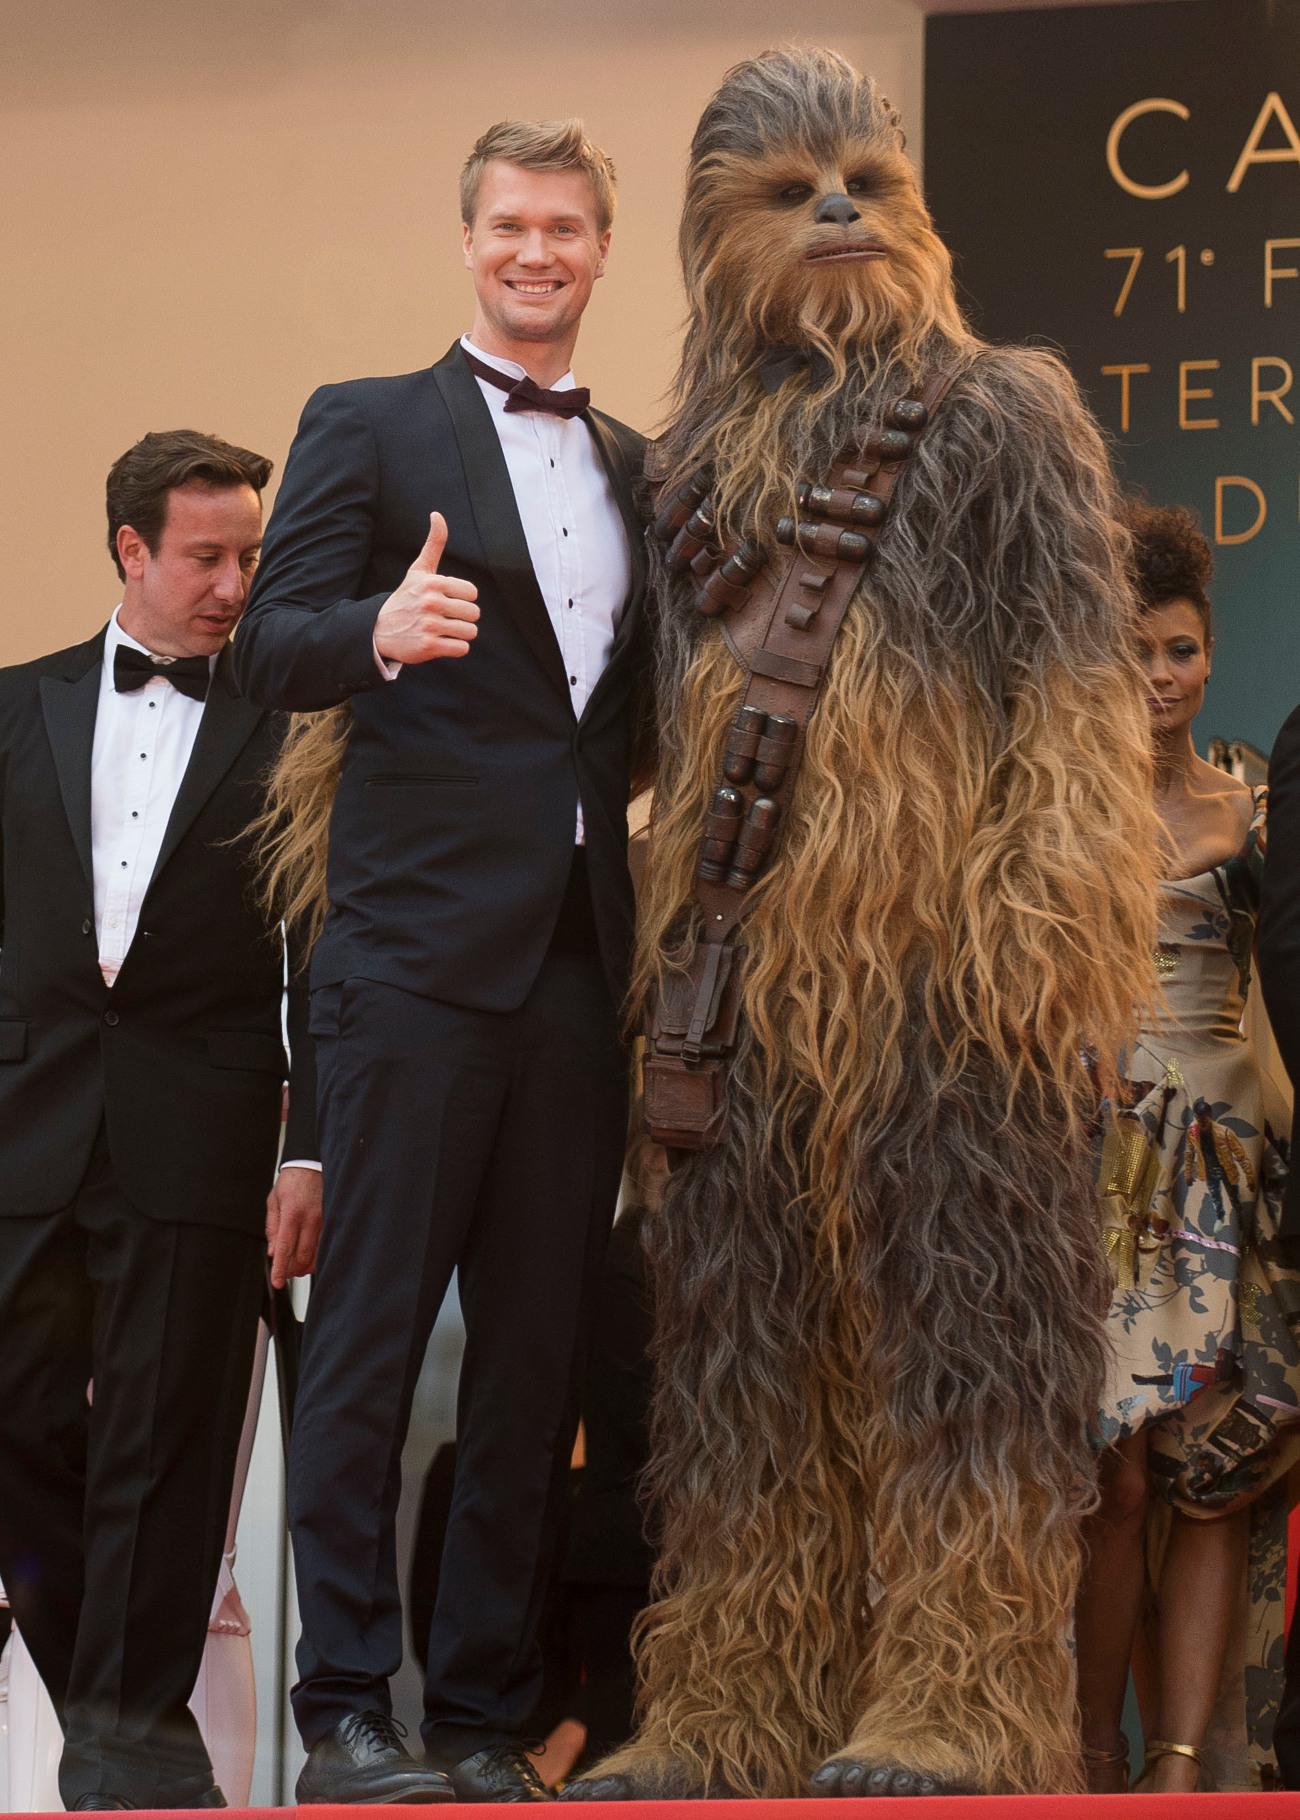 Ο ηθοποιός Τζόνας Σουοτάμο, ο νέος Τσουμπάκα στην επίσημη πρεμιέρα της ταινίας «Σόλο»